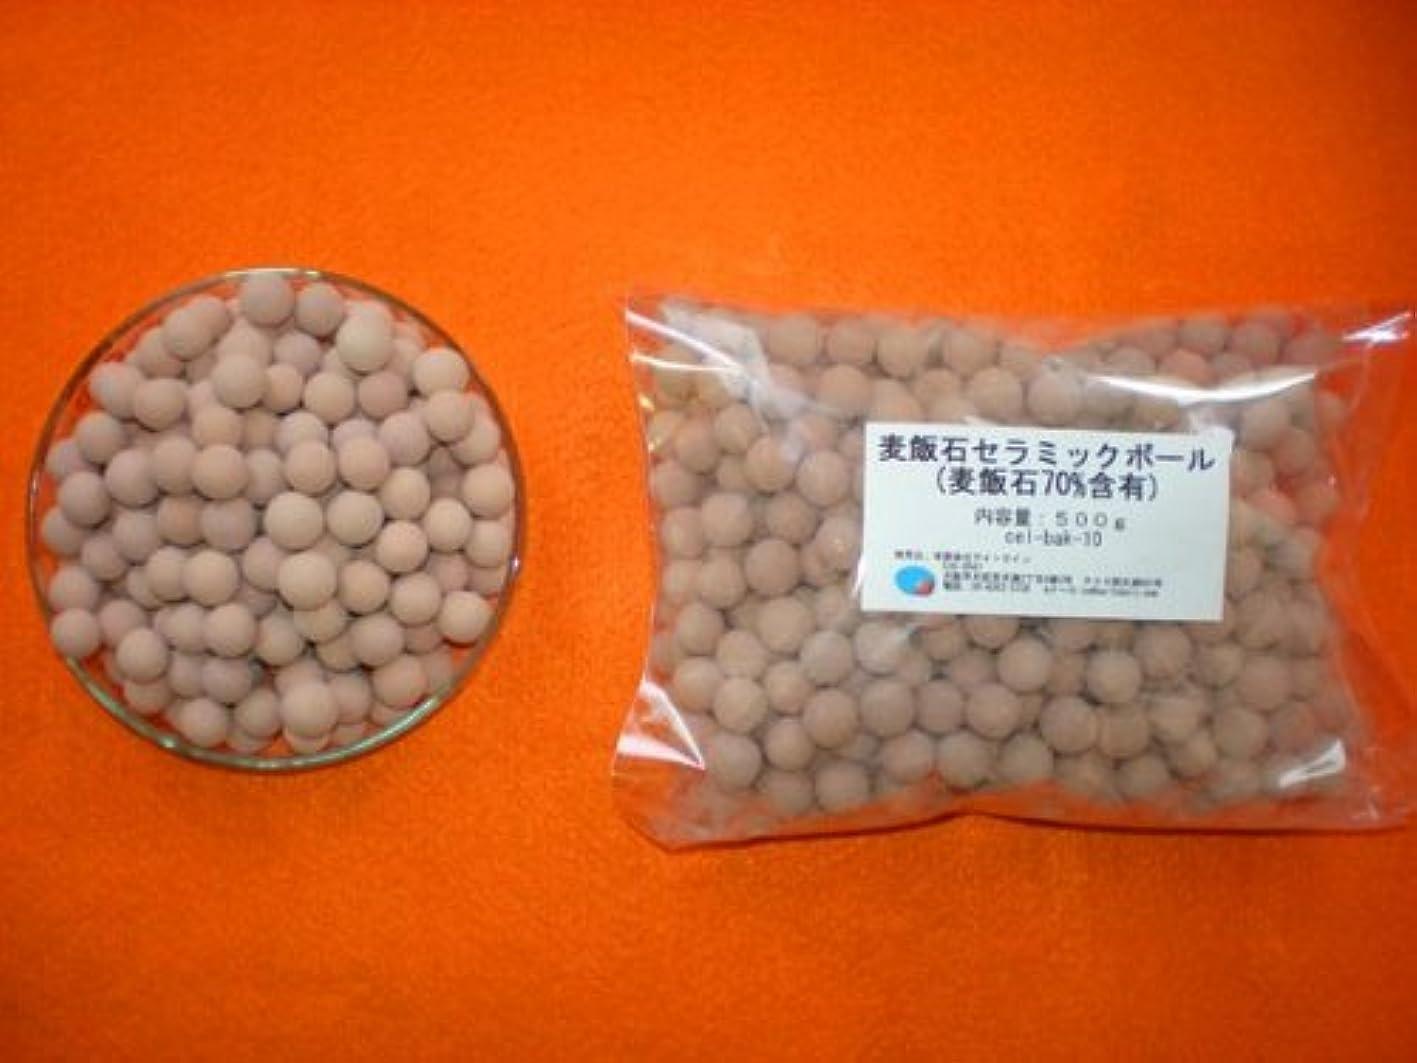 夫婦結婚したドキドキ麦飯石セラミックボール 直径10ミリ/1000g